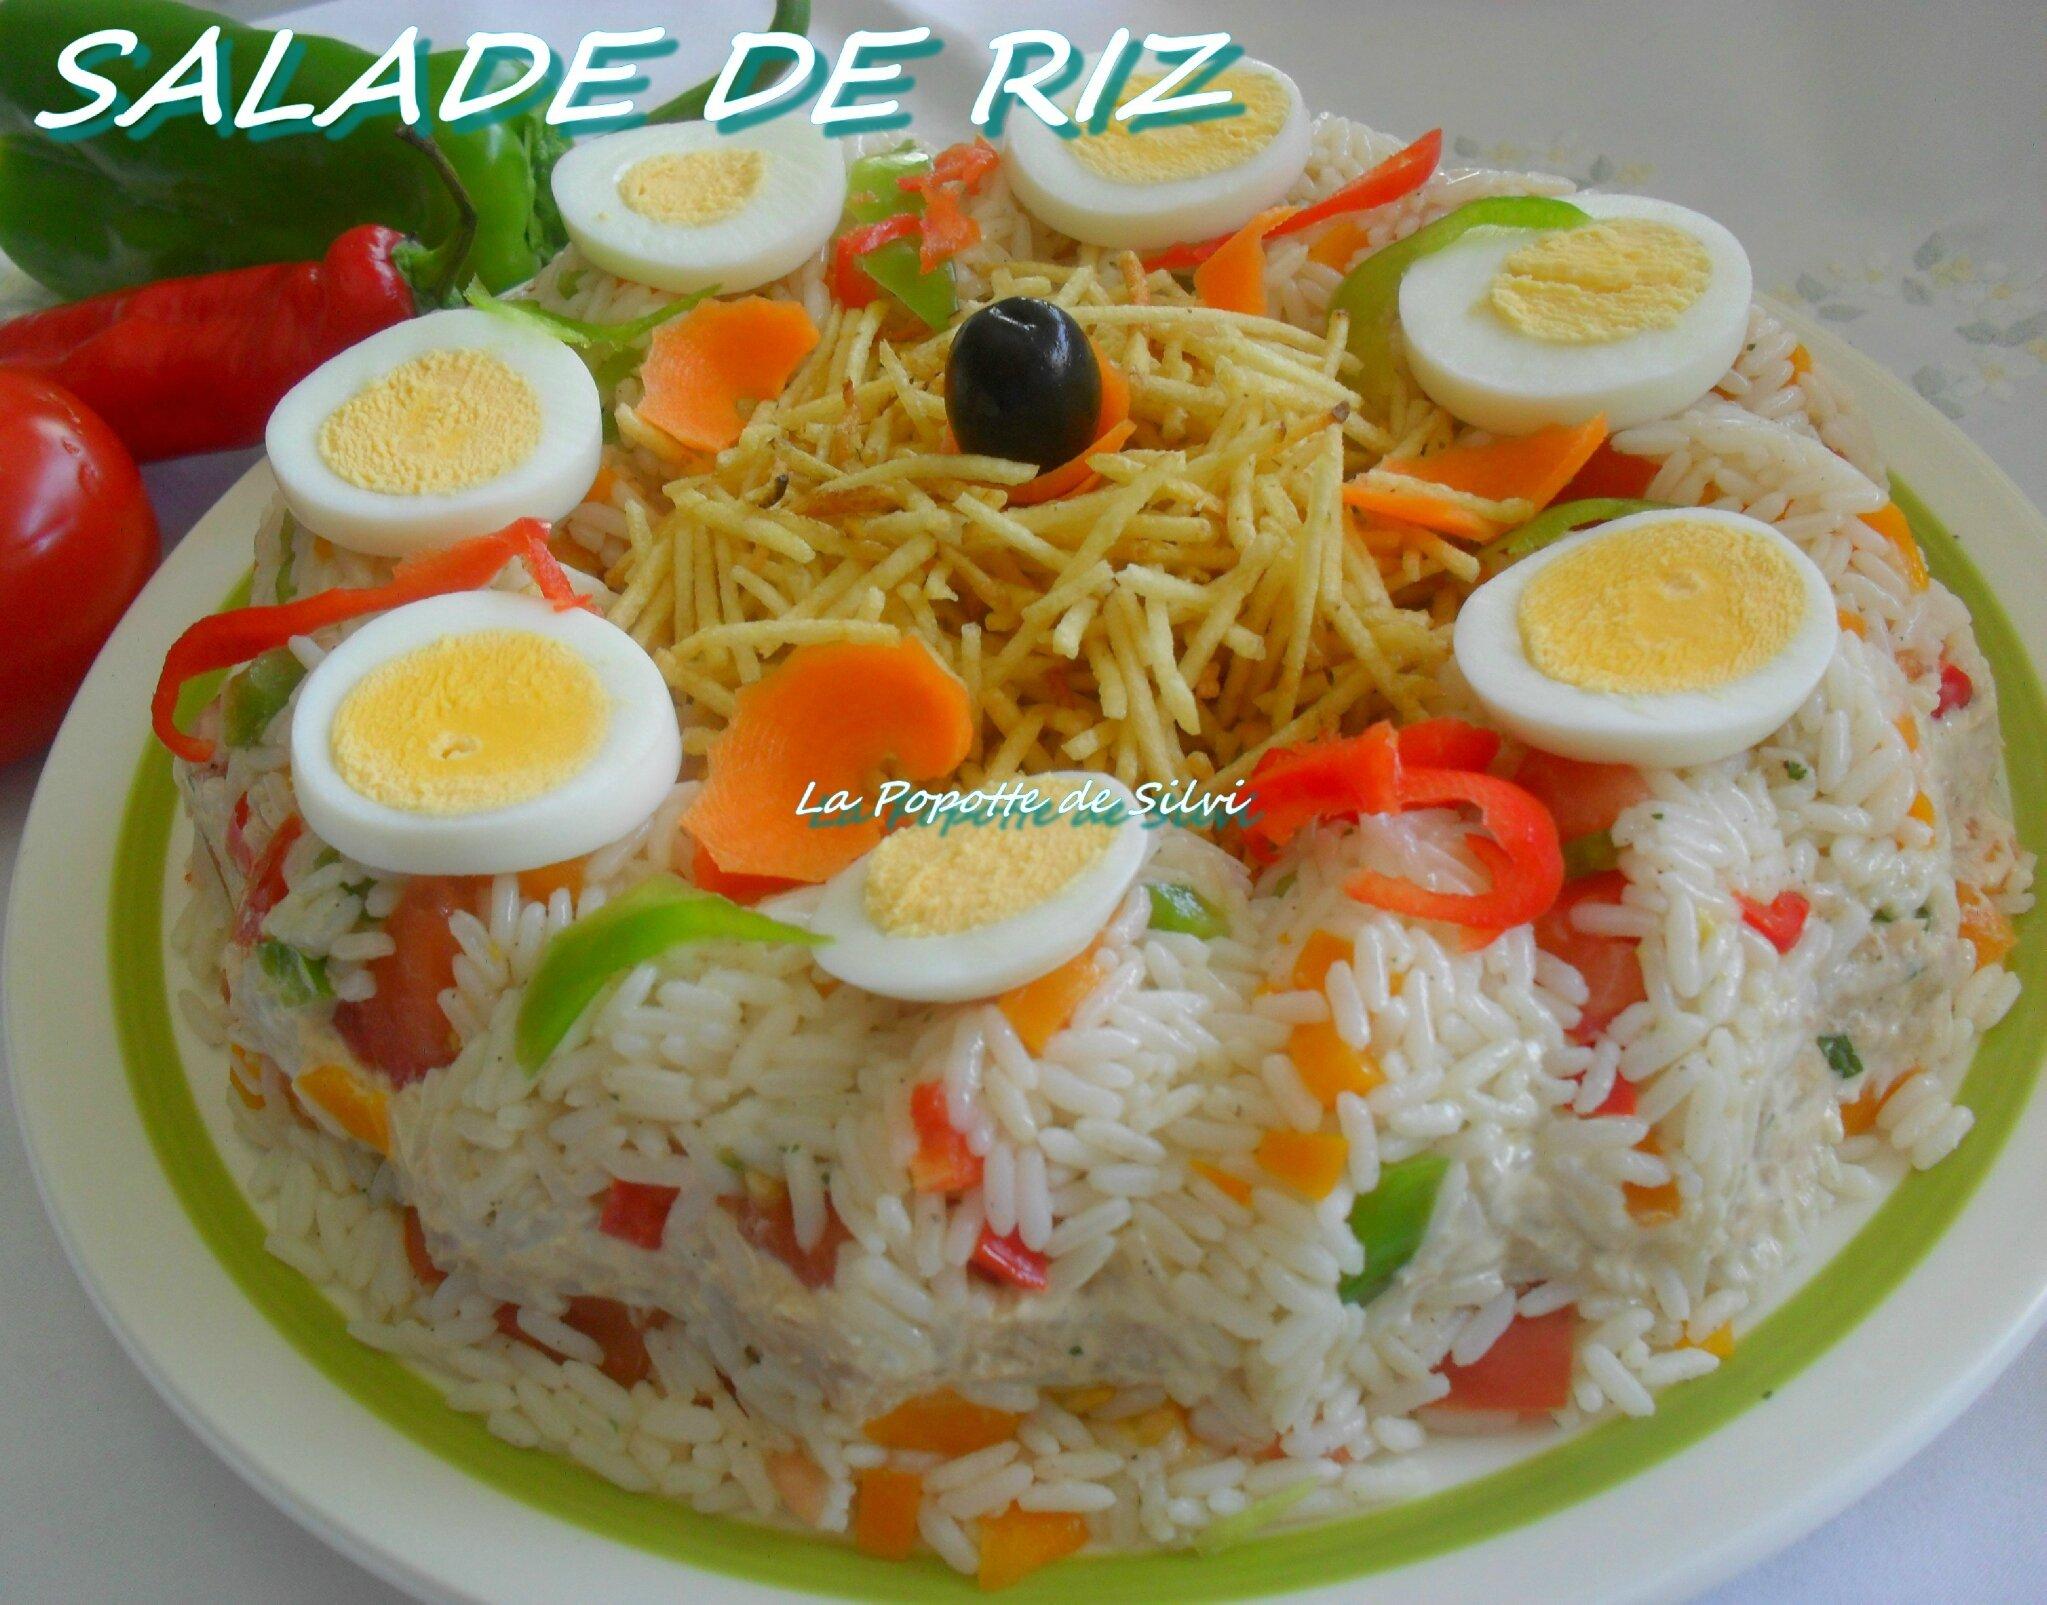 Salade De Riz La Popotte De Silvi